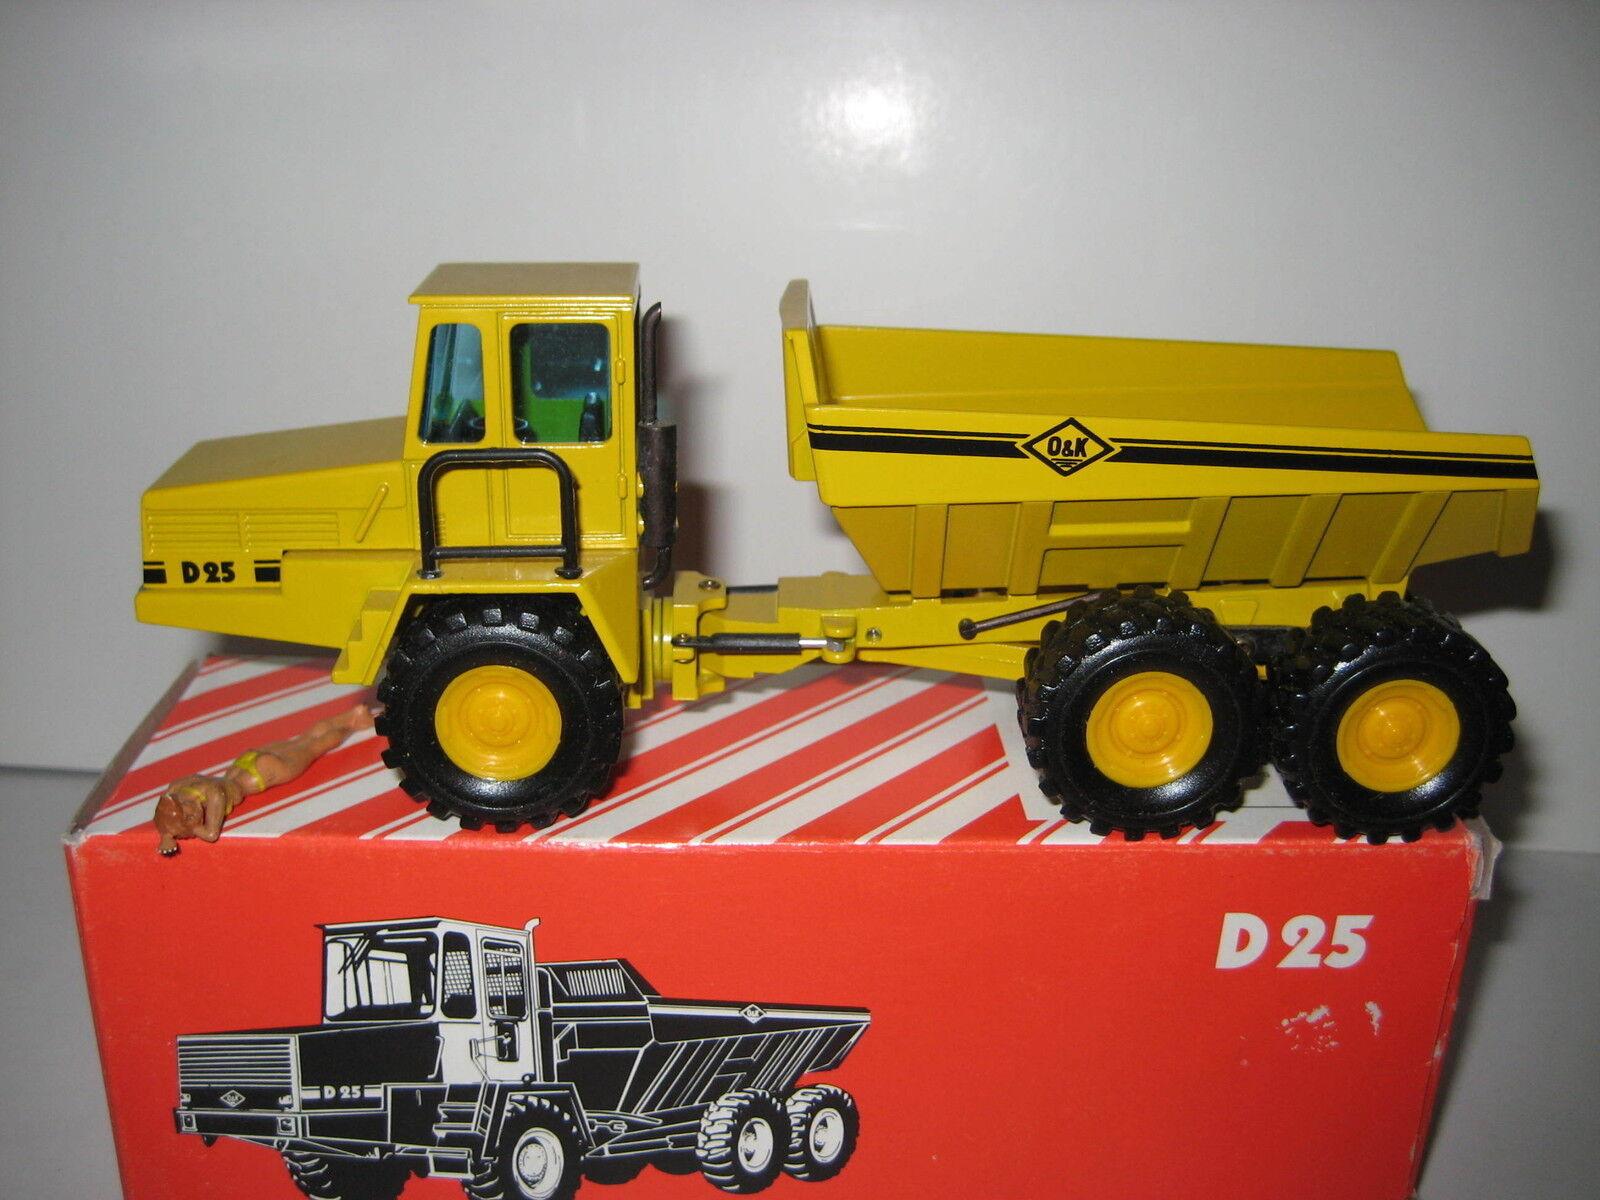 O&k D 25 Dumper jaune  301.6 NZG 1 50  OVP  qualité de première classe